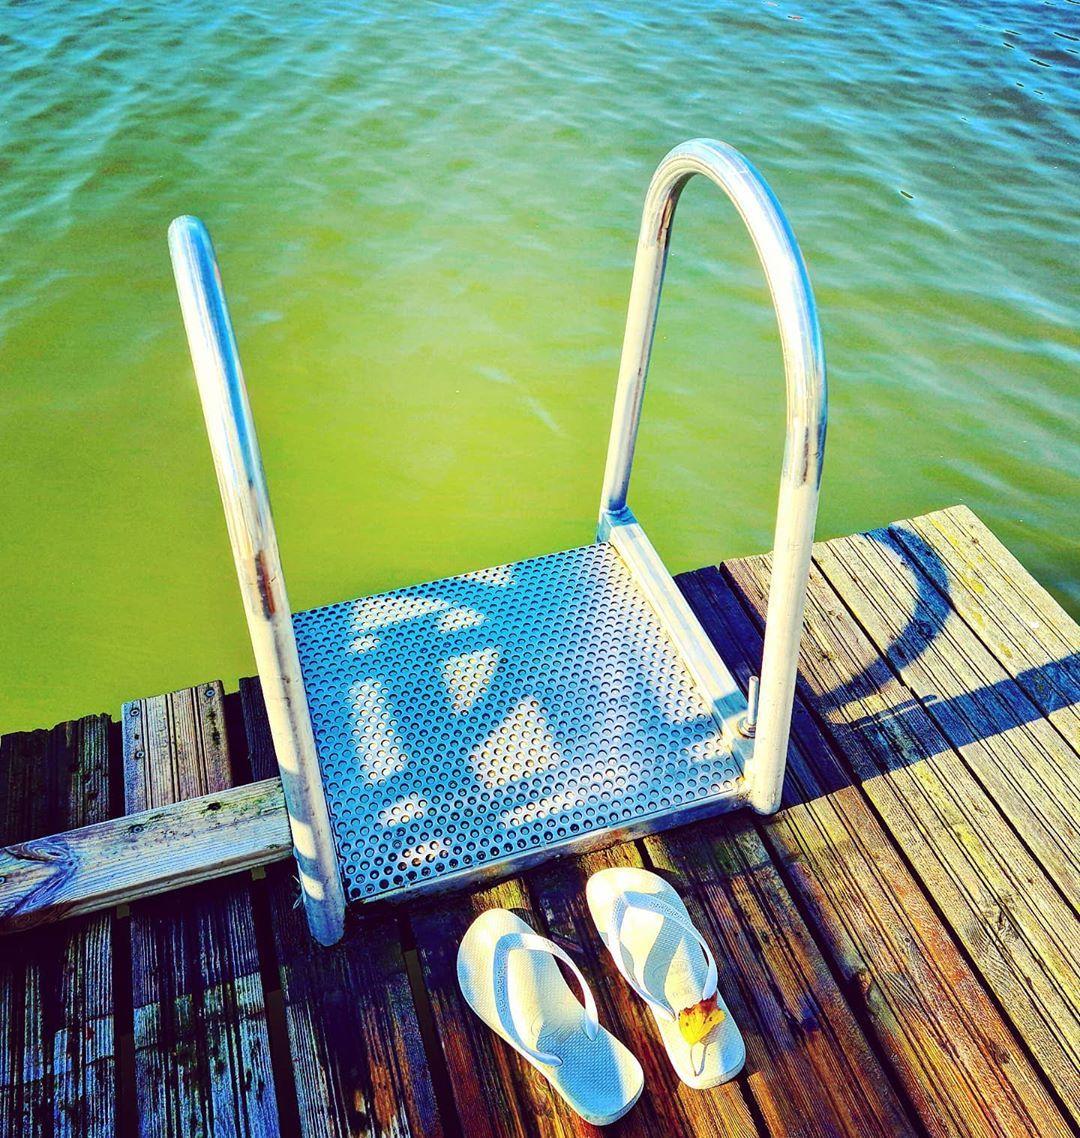 Syyskuun Ekana Keltainen Lehti Varvassandaalilla Seaswimming Autumnleaves Urbannature Taiji Flipflops Iloveswimming Balticsea Toolo Helsinki Finland In 2020